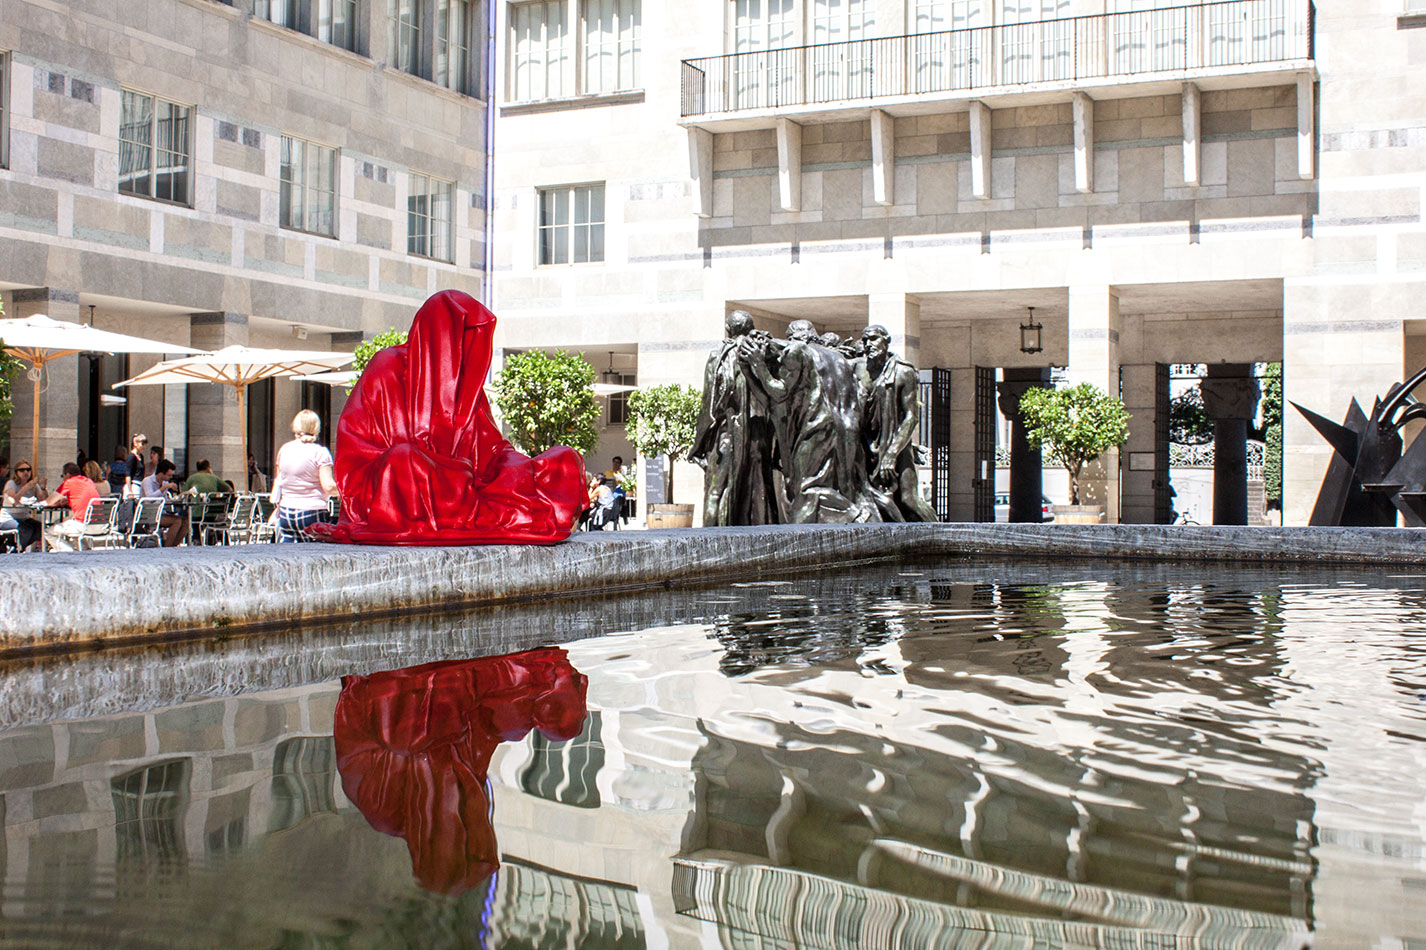 highlights-public-artbasel-kunsthaus-basel-scope-art-show-guardians-of-time-manfred-kielnhofer-steinreich-contemporary-art-sculpture-tour-art-parcours-1607